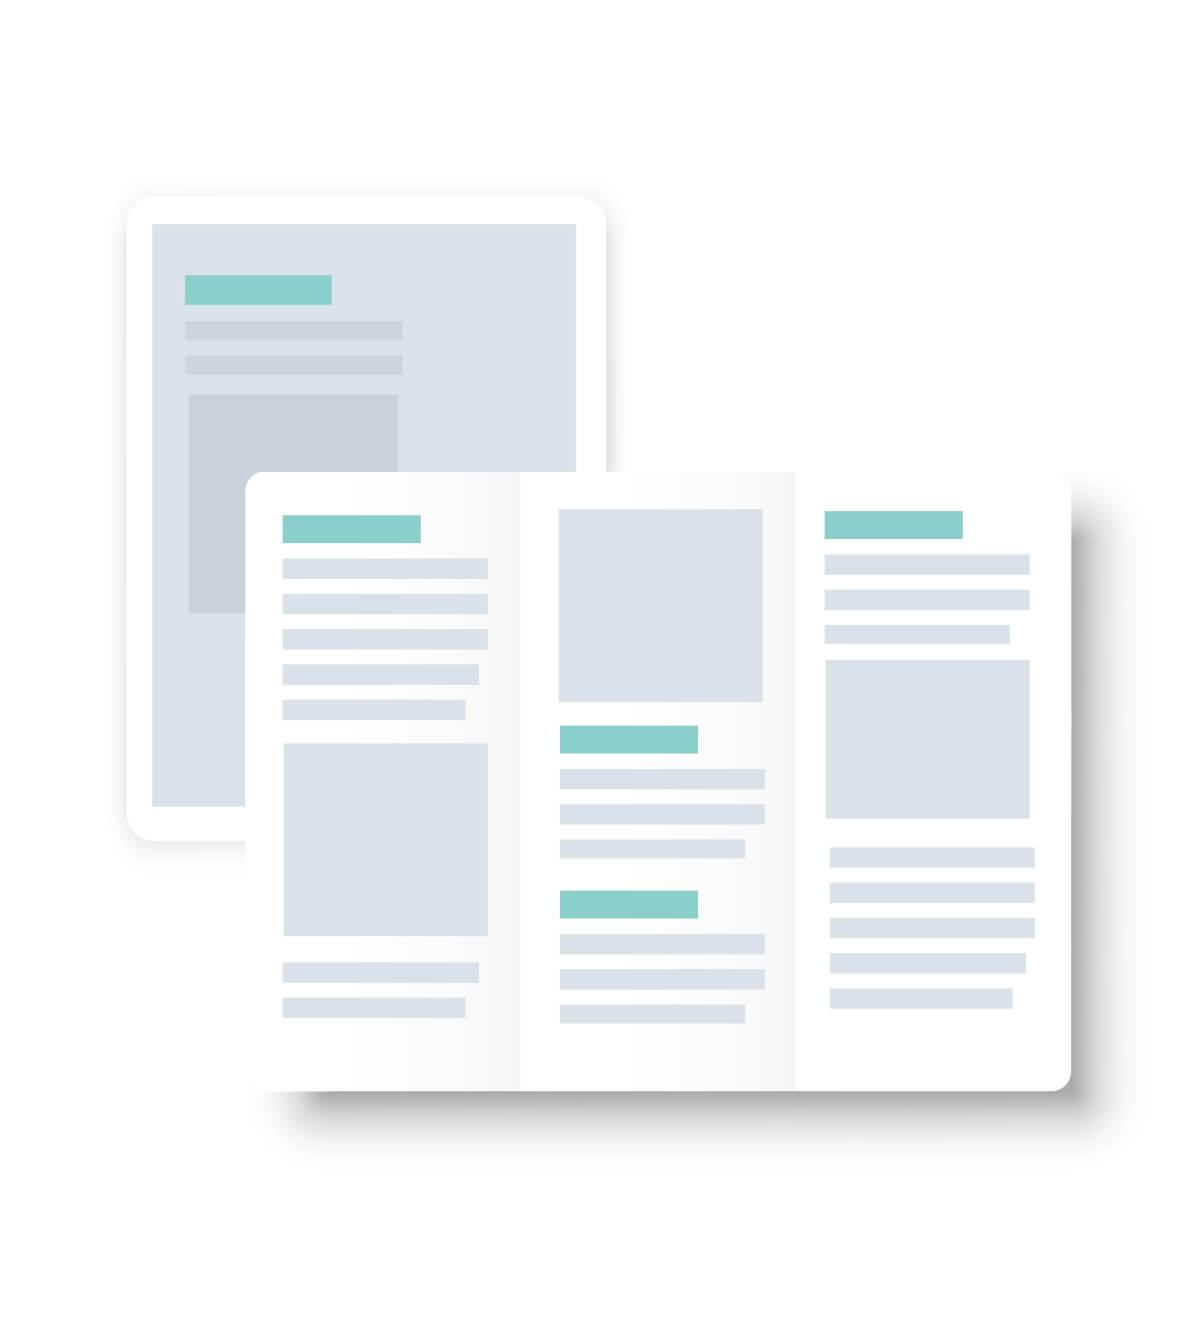 aagir-imprimerie-hopitaux-communication